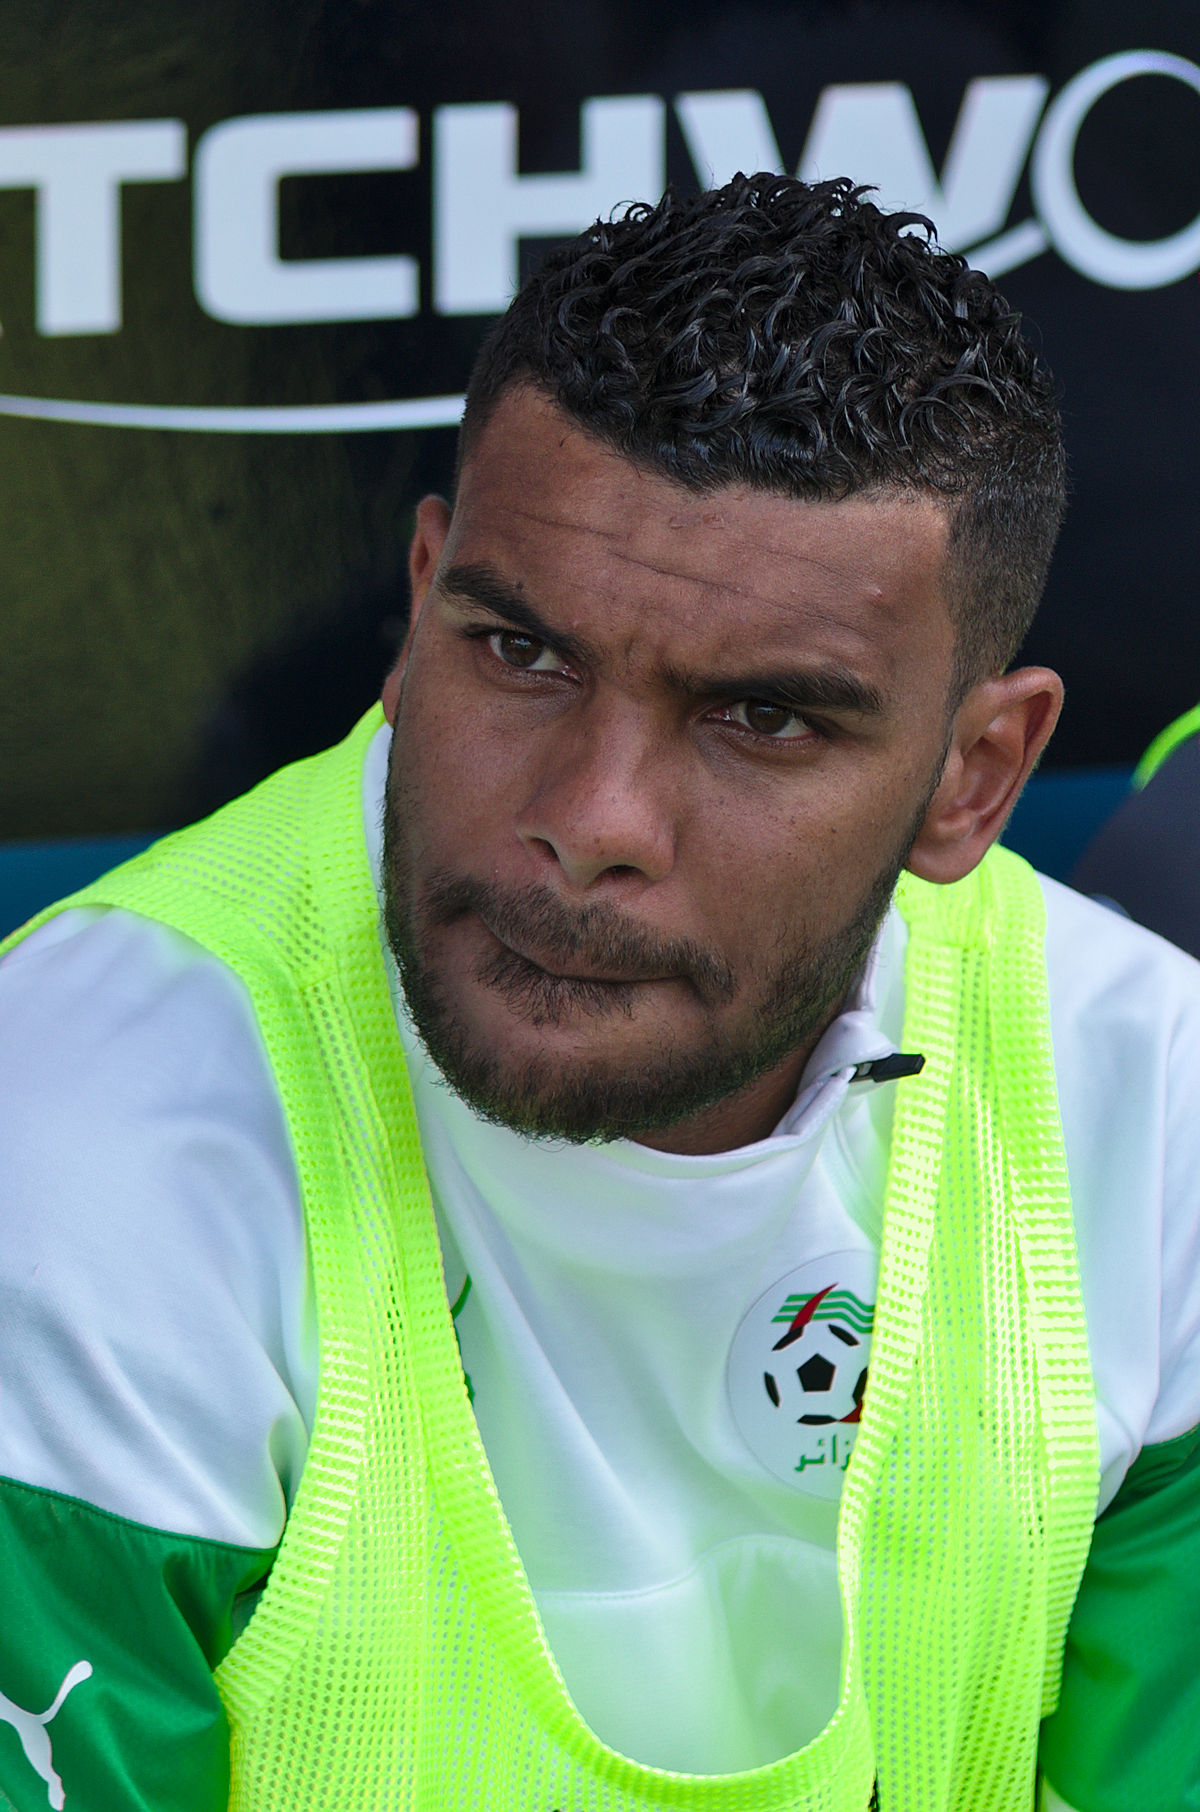 نتيجة بحث الصور عن Algerian El Arabi Hillel Soudani, GNK Dinamo Zagreb player.